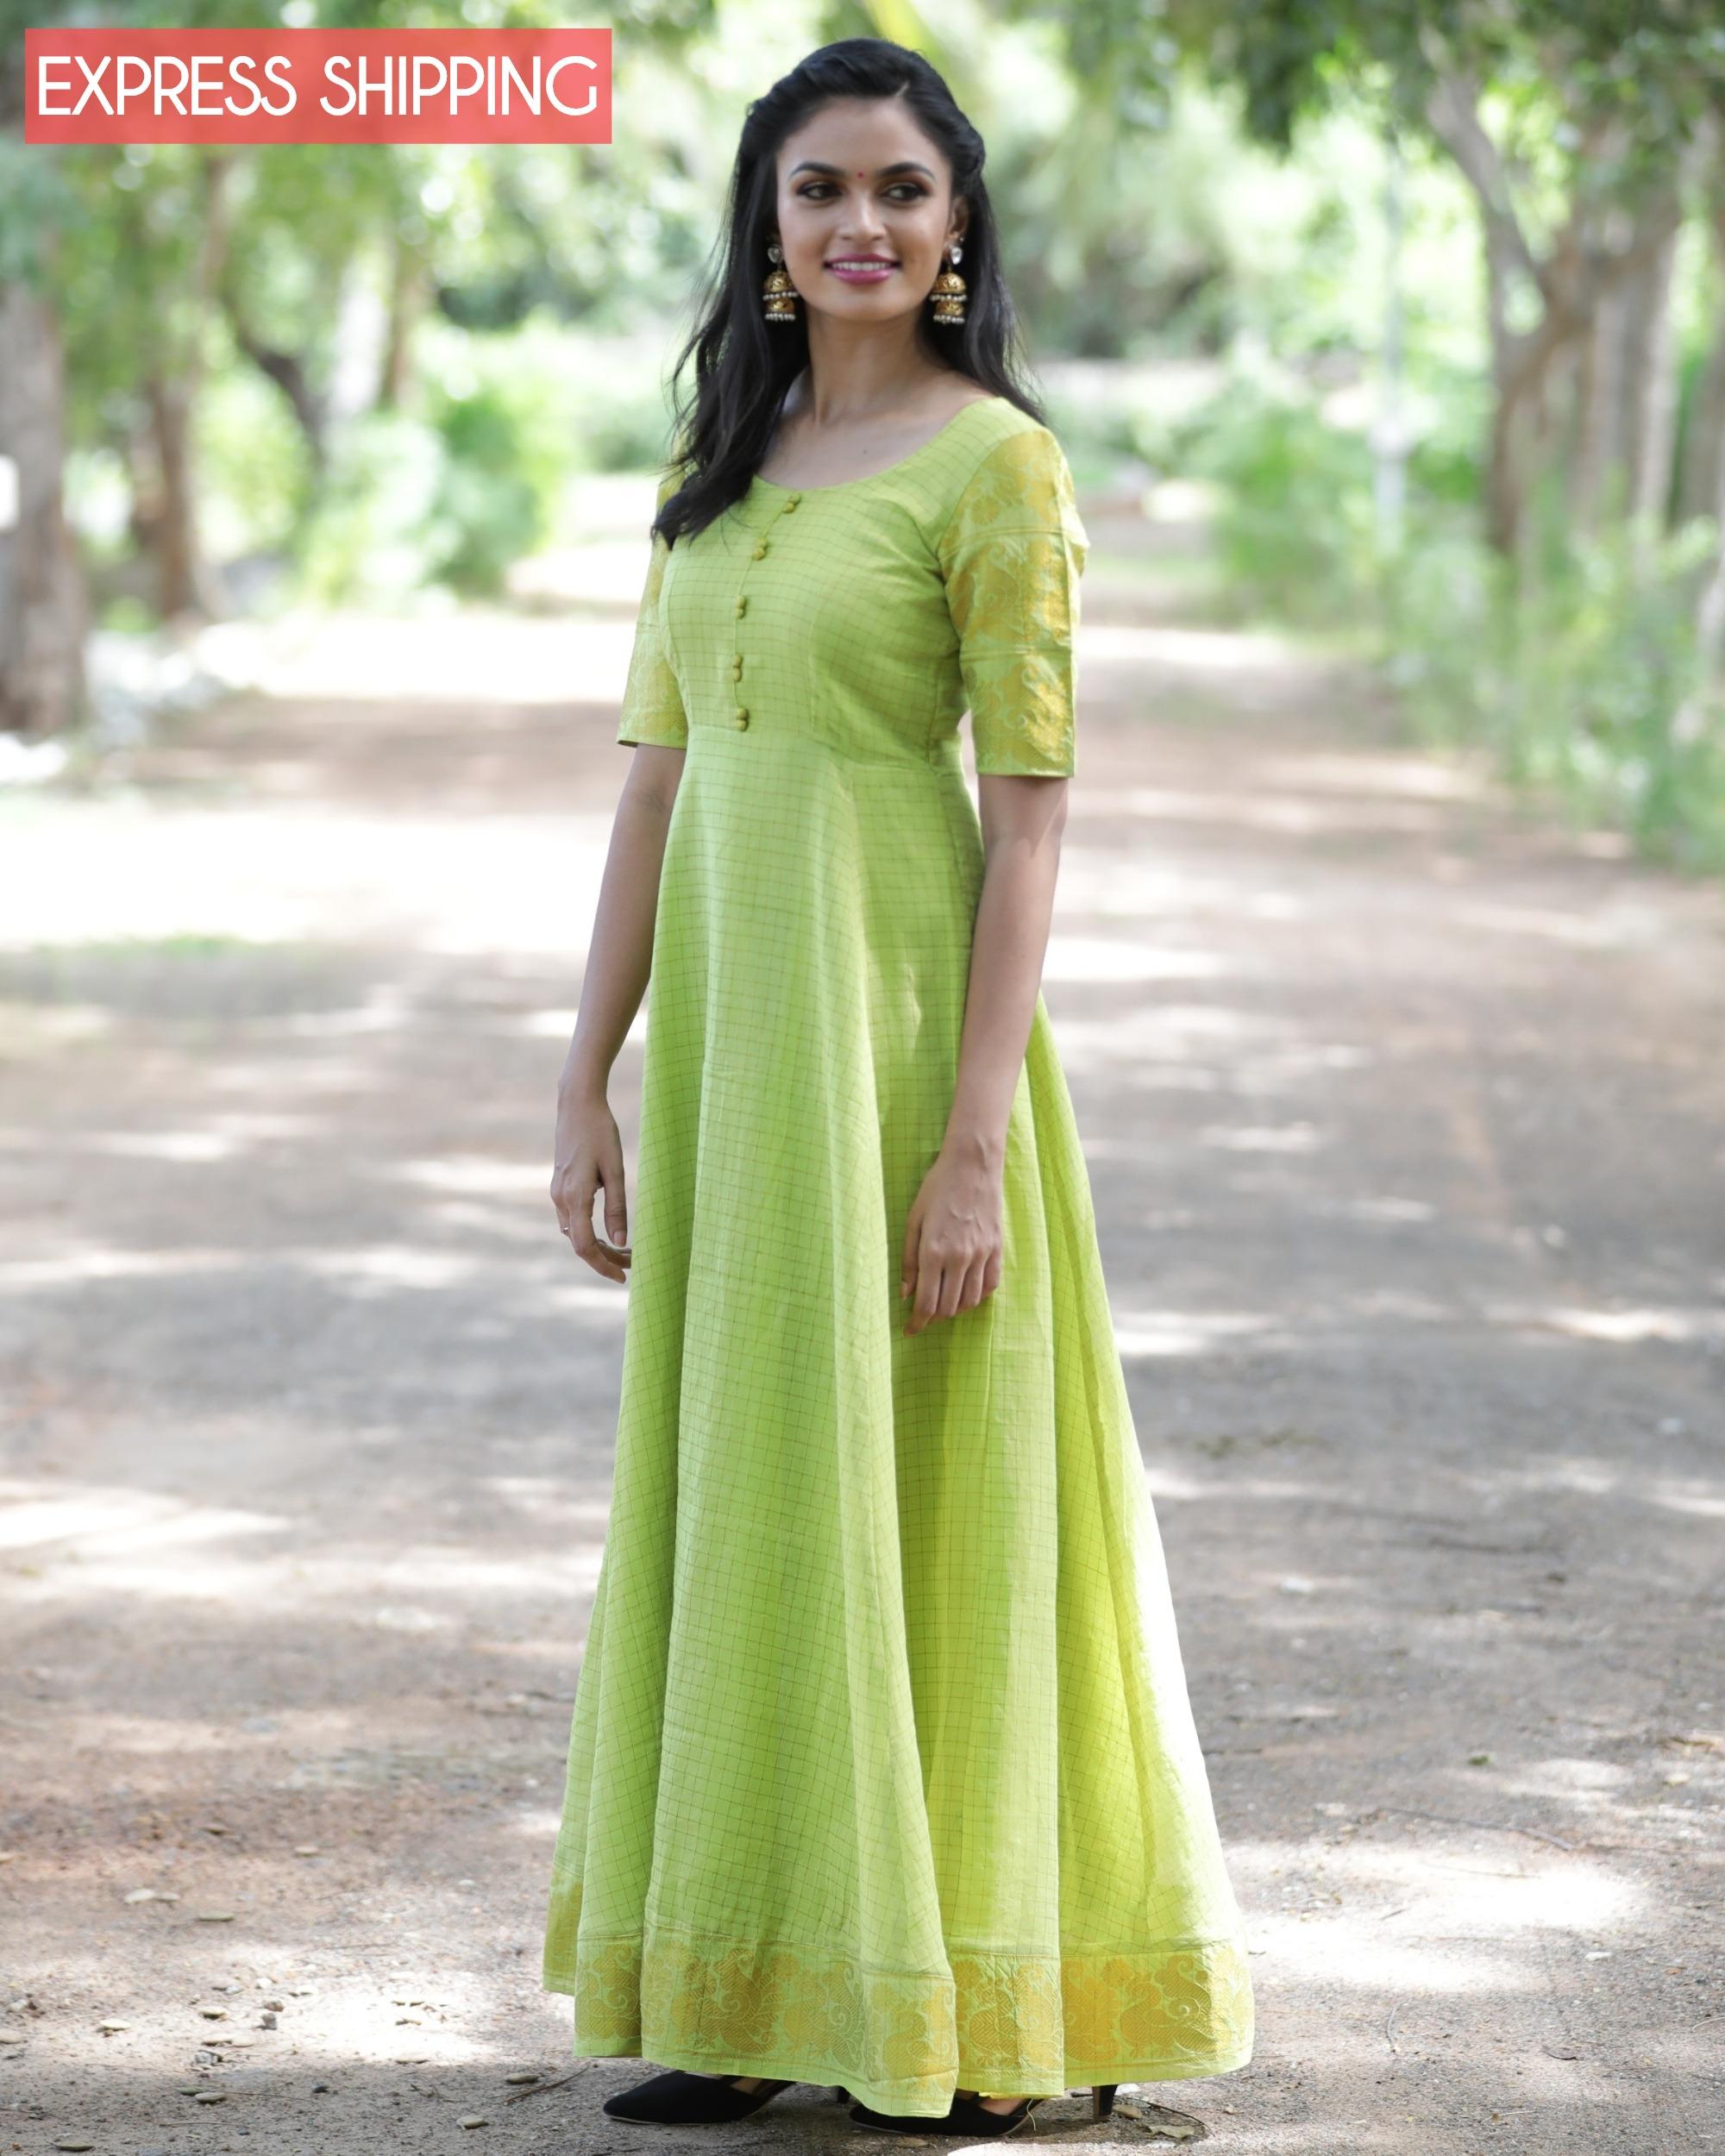 Lime green and gold madurai sungudi cotton maxi